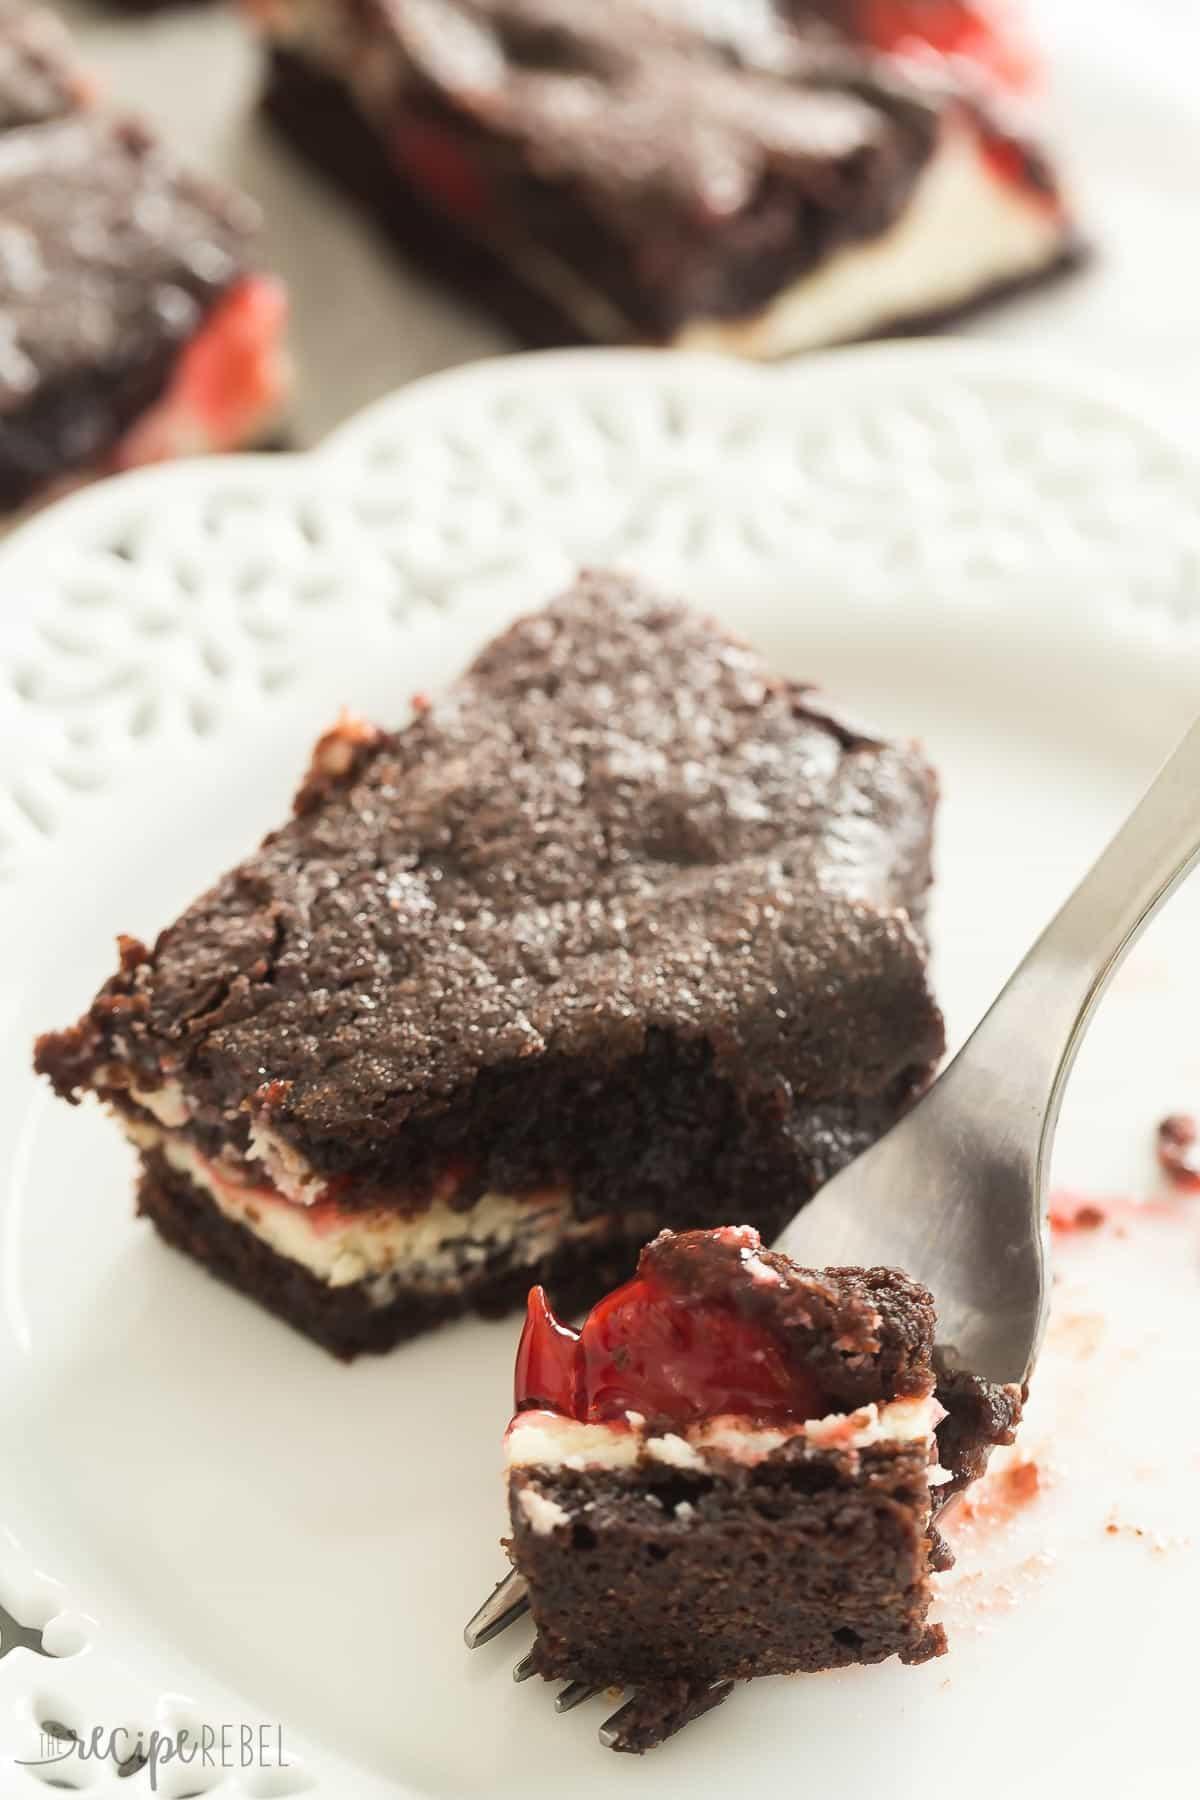 Estos brownies de tarta de cereza comienzan con brownies caseros rellenos de tarta de queso y tarta de cereza. ¡Son los MEJORES brownies! El | receta de brownie | receta de postre | receta de tarta de queso | queso crema | relleno de pay